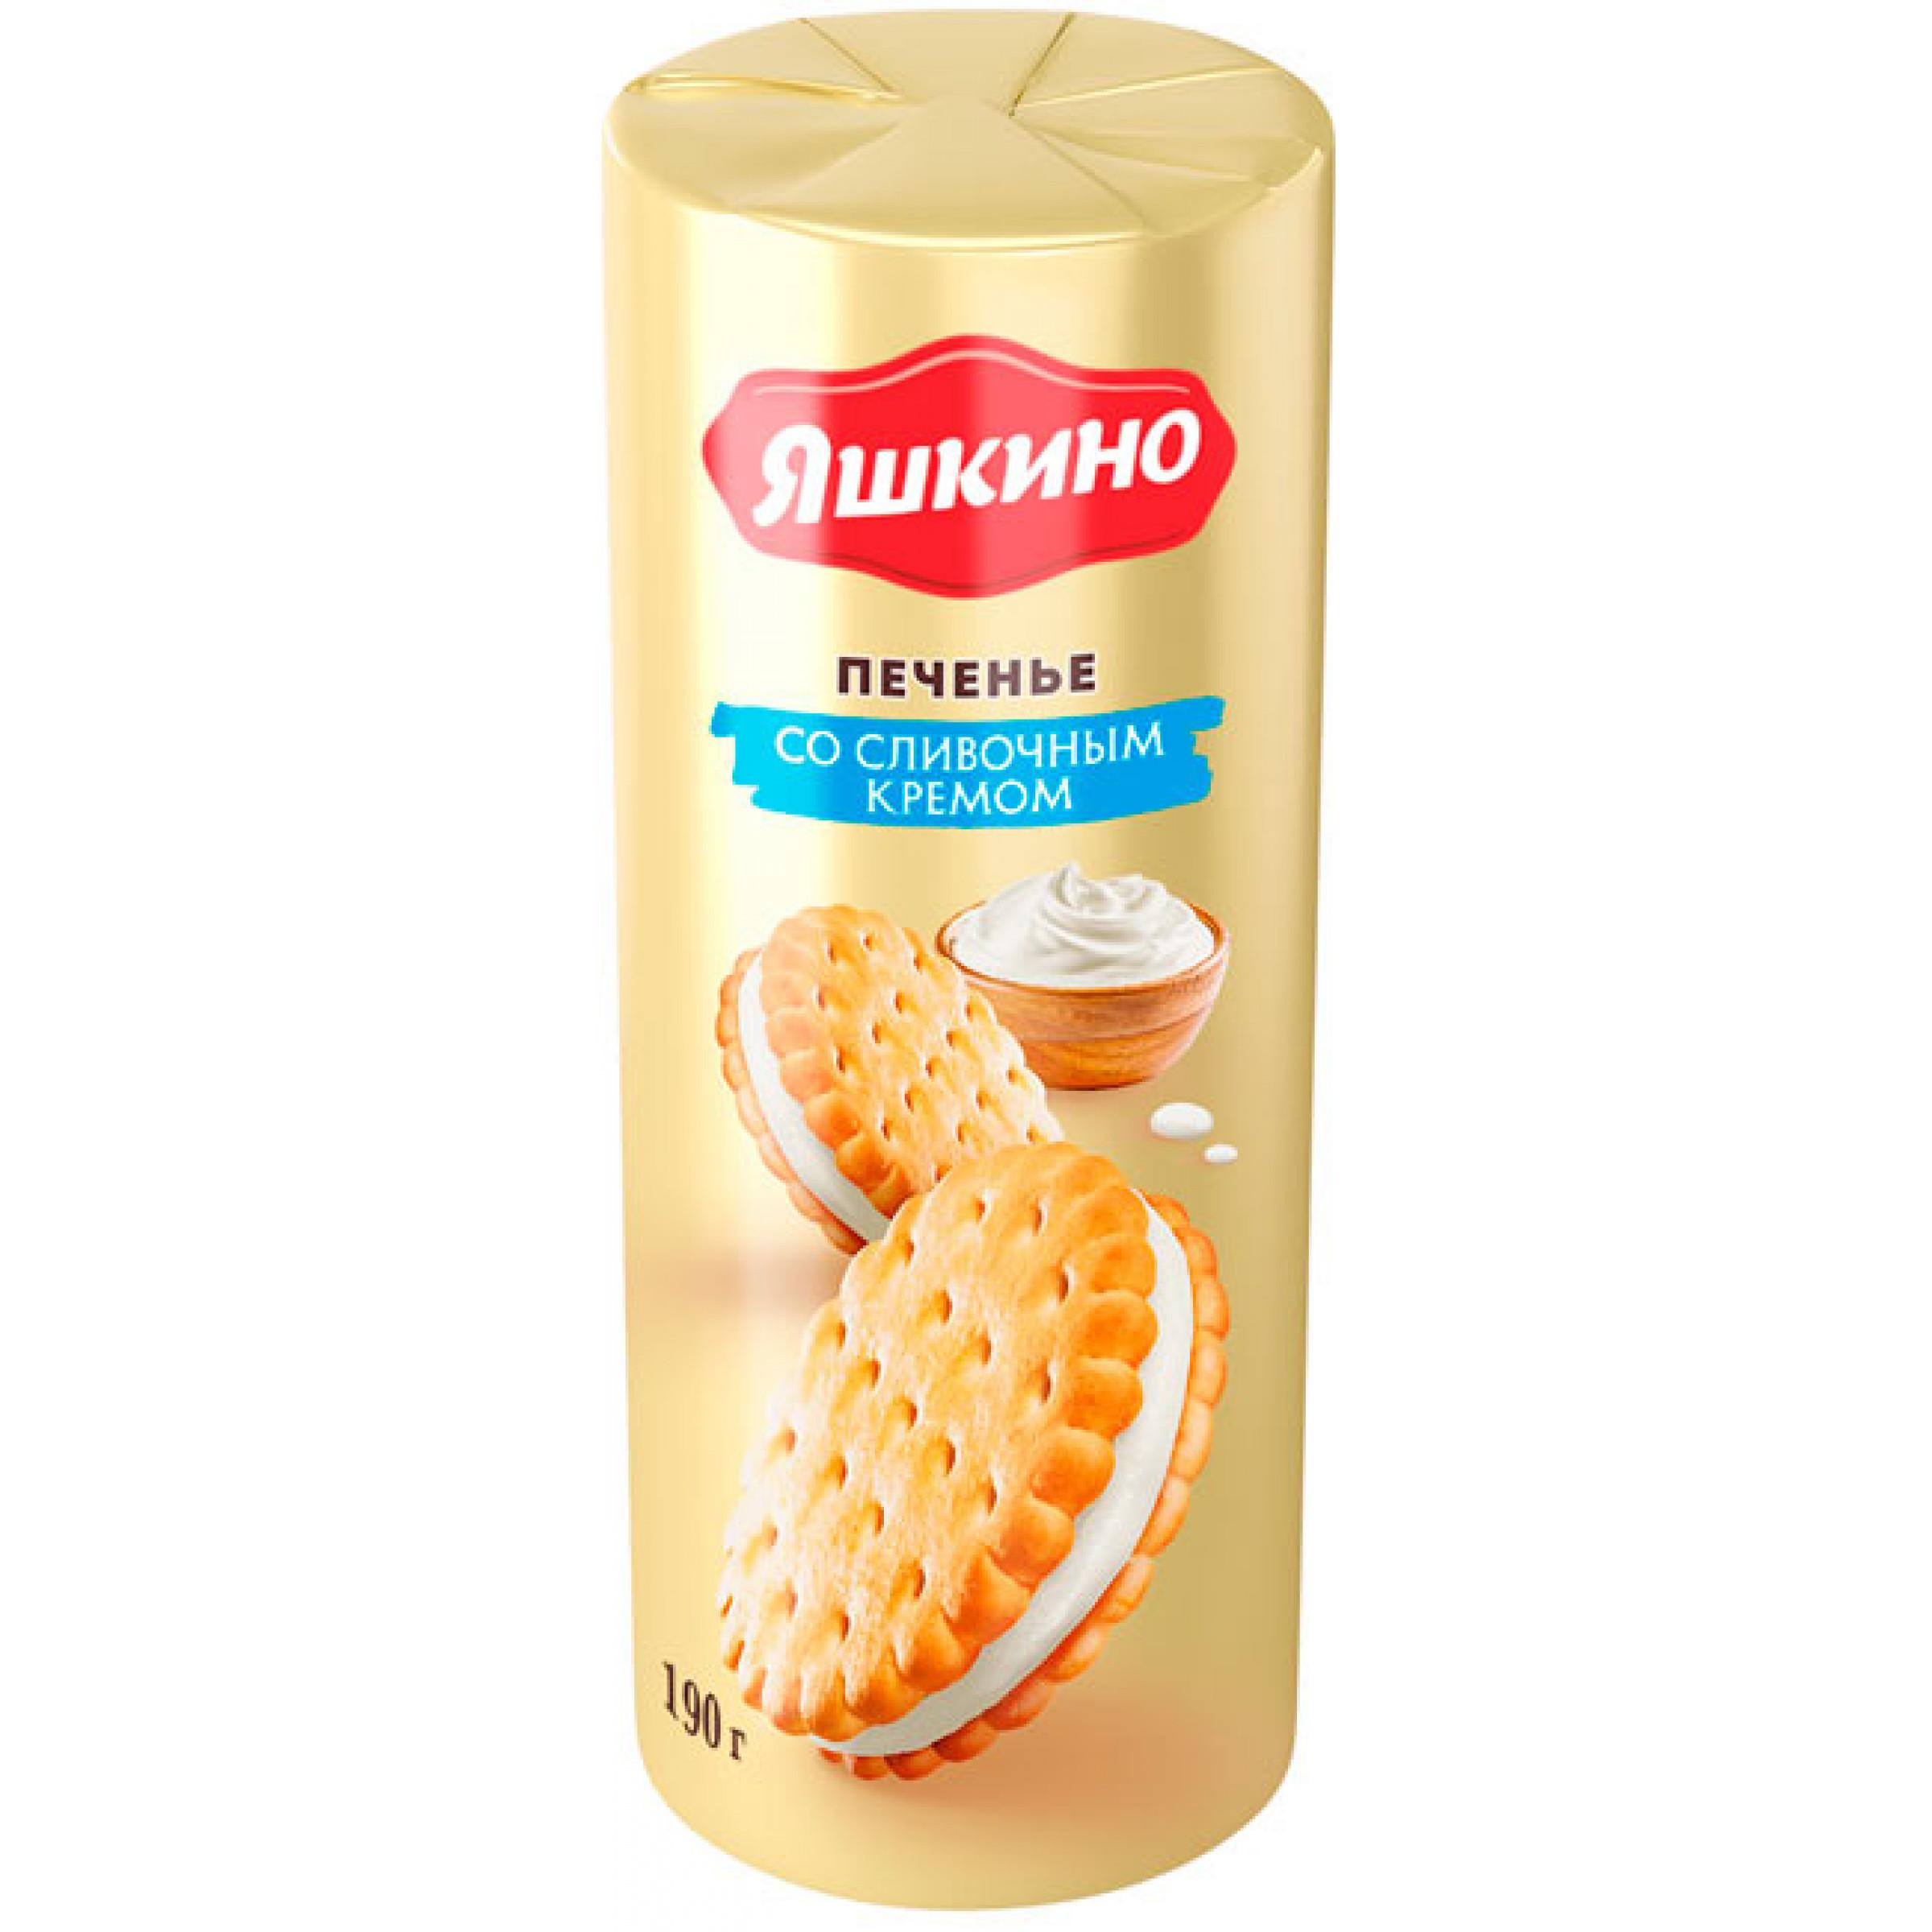 Печенье Яшкино Сэндвич со сливочным кремом, 182г.